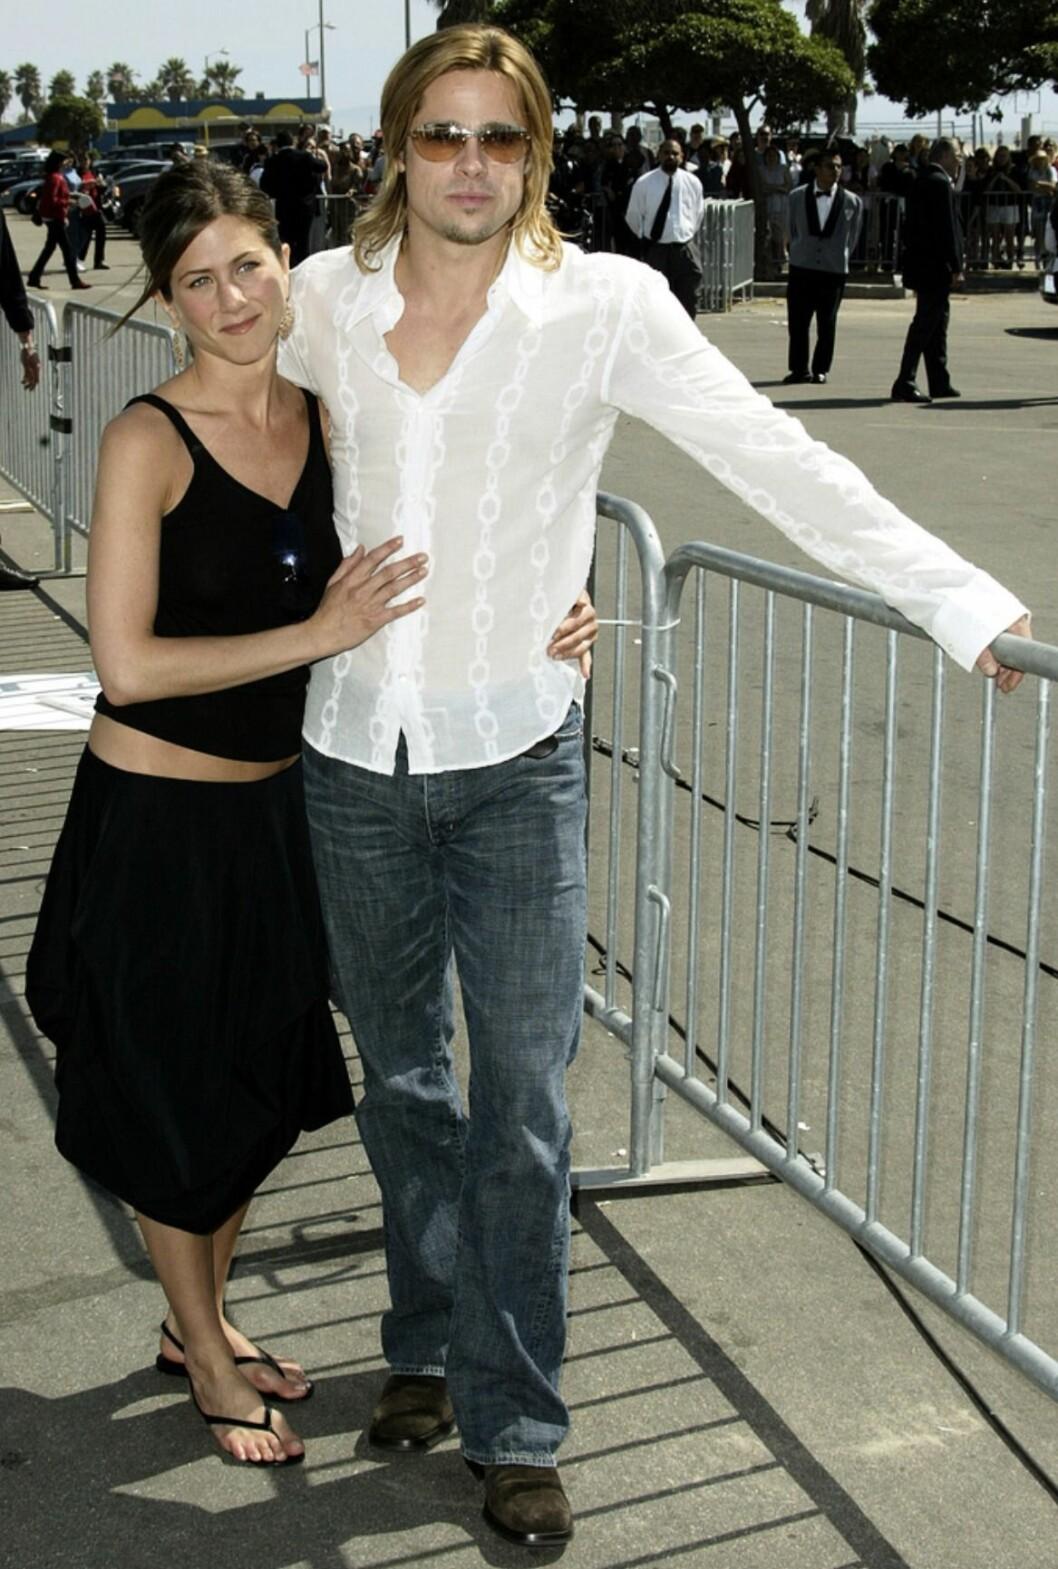 En vacker bild på Jennifer Aniston och Brad Pitt från deras tid tillsammans som ett par.